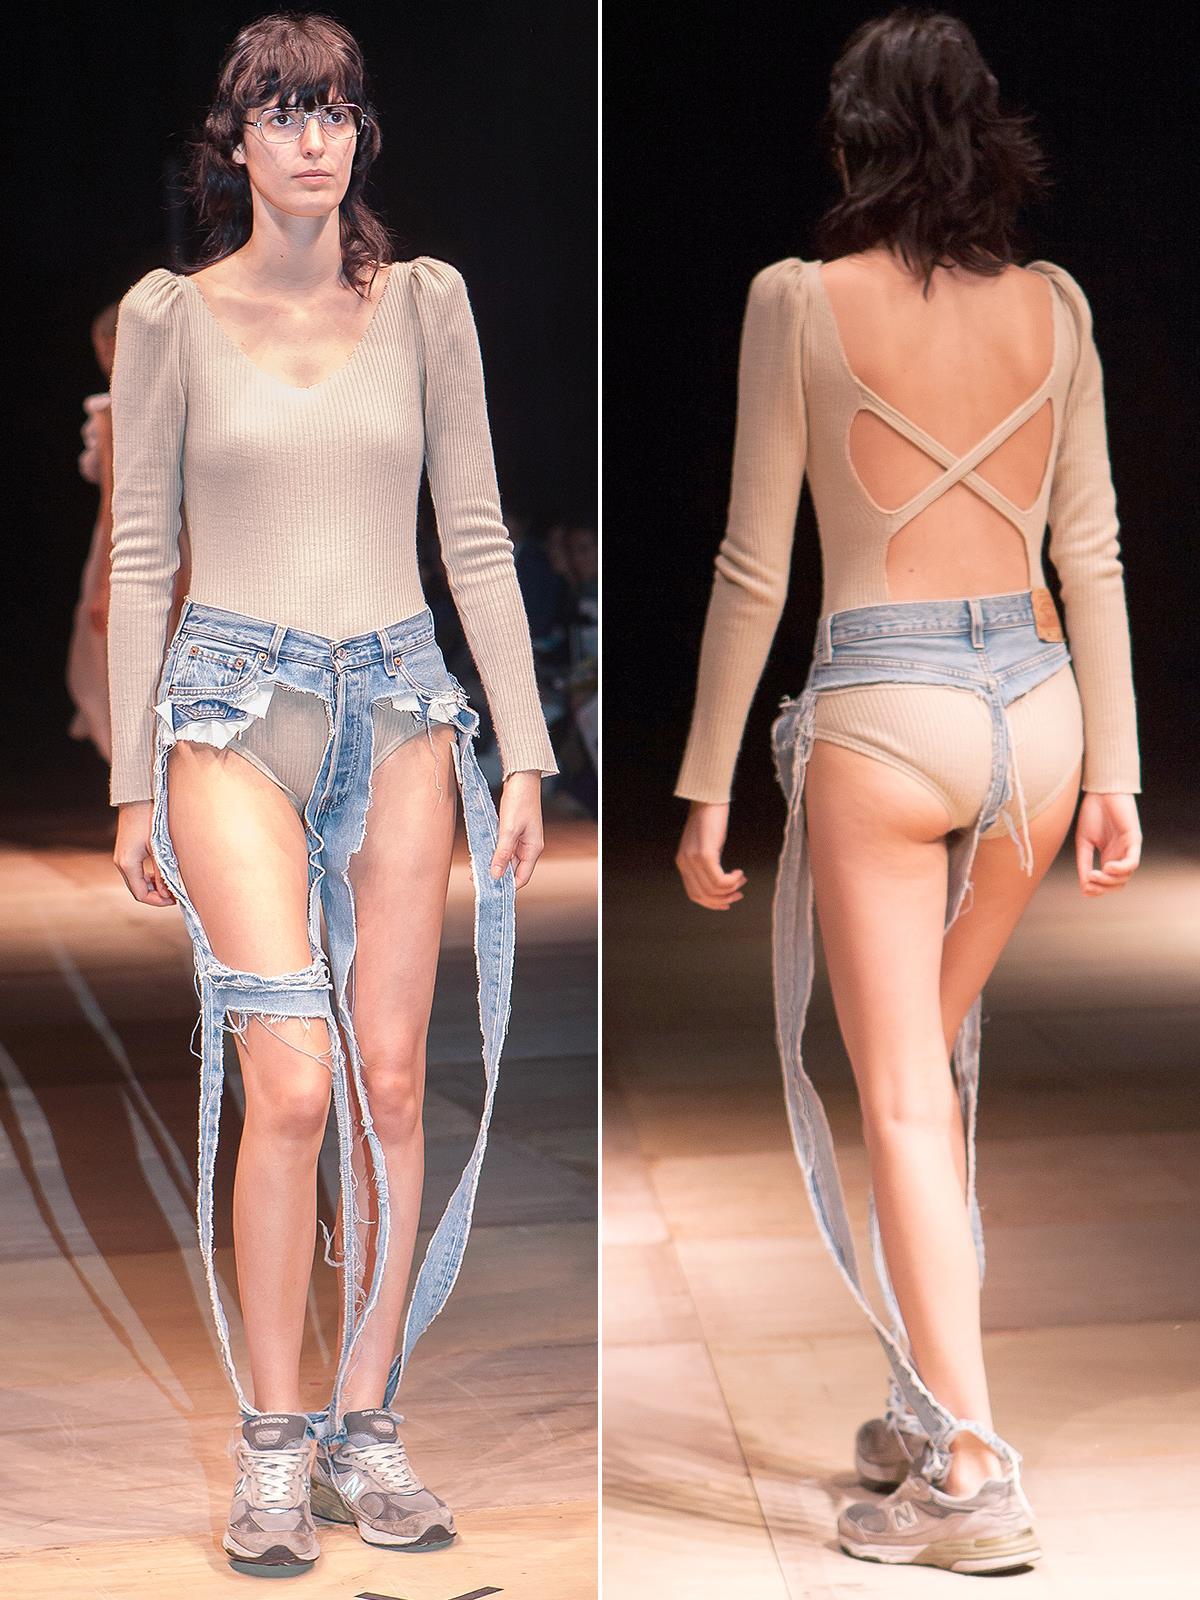 Una modella indossa i Jeans perizoma